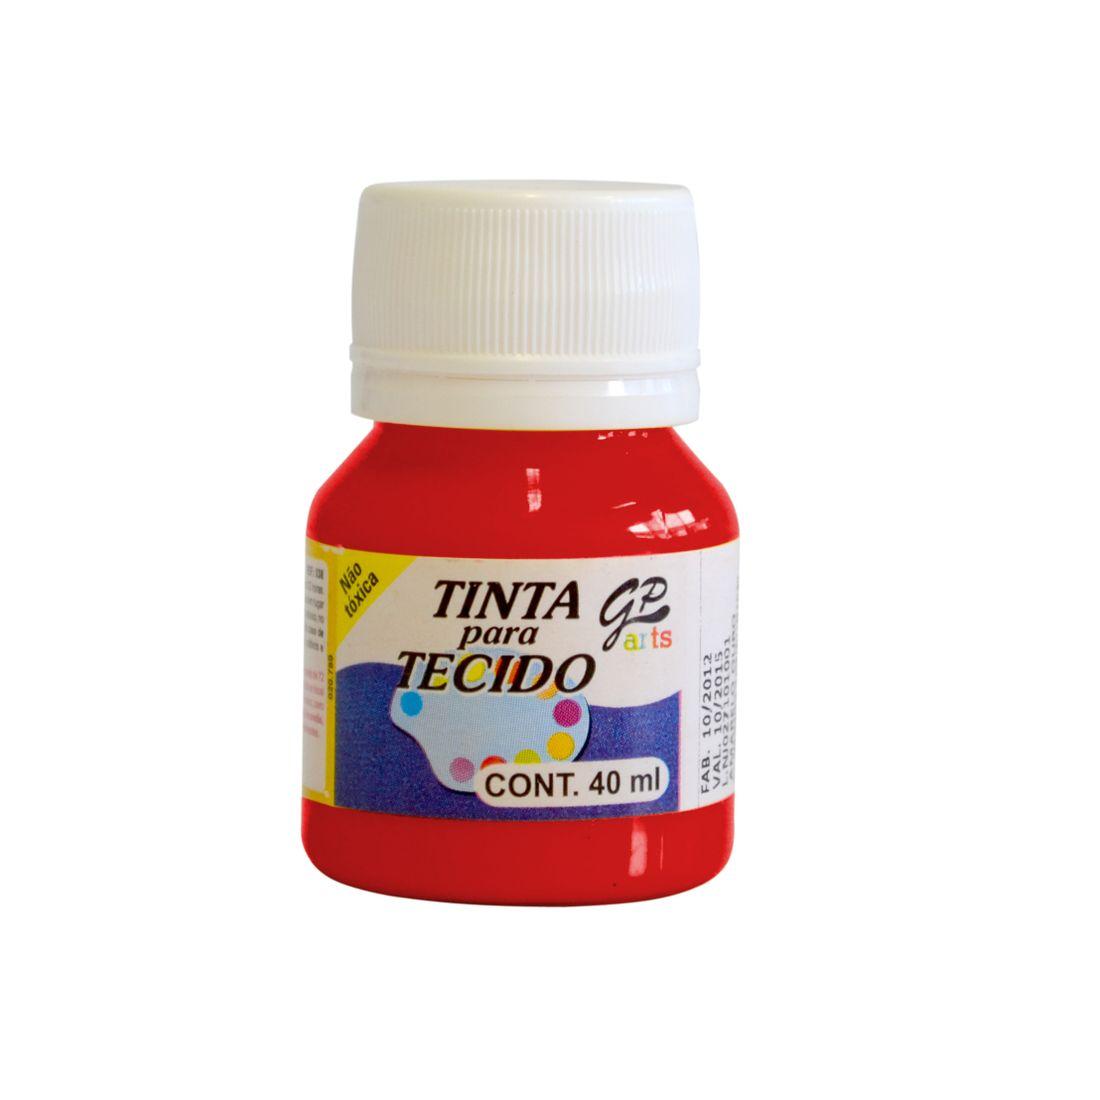 Tinta-P--Tecido-Gp-Arts-40-Ml-Artesanato